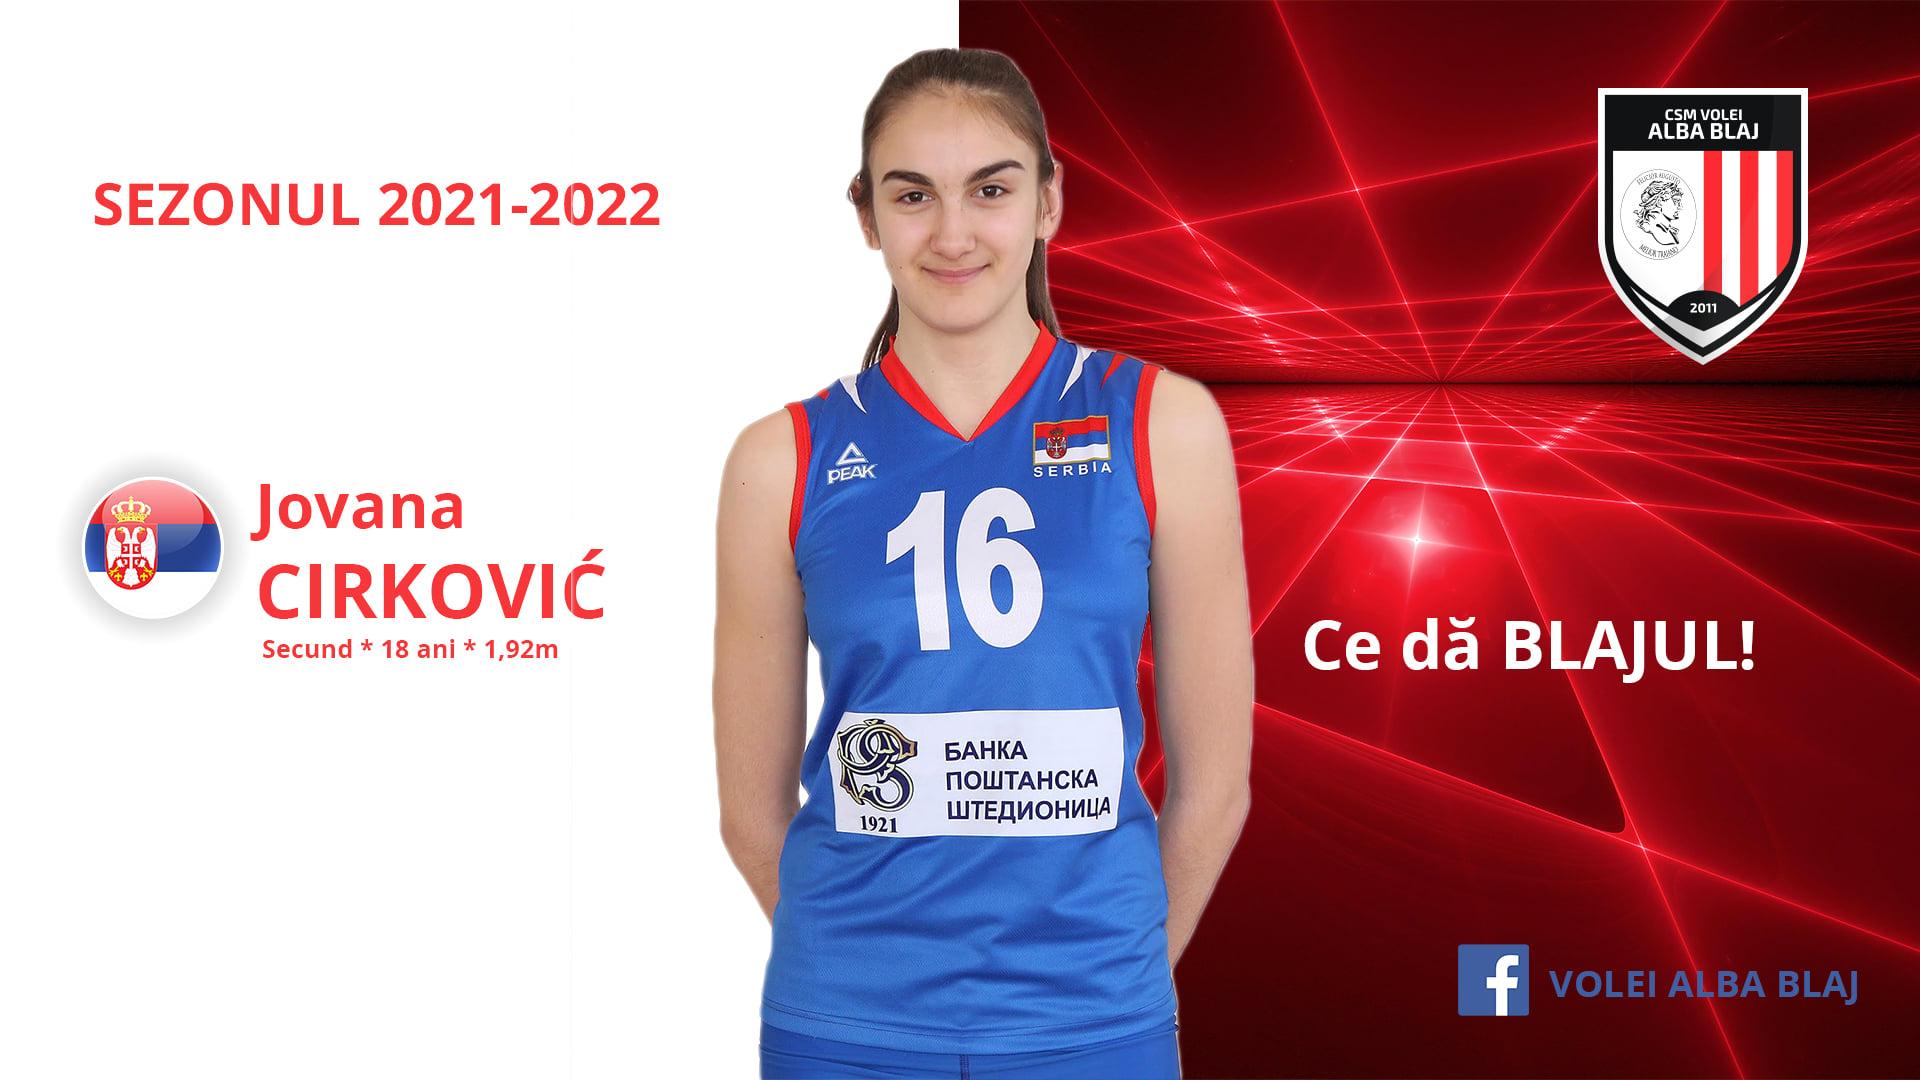 jovana ćirković